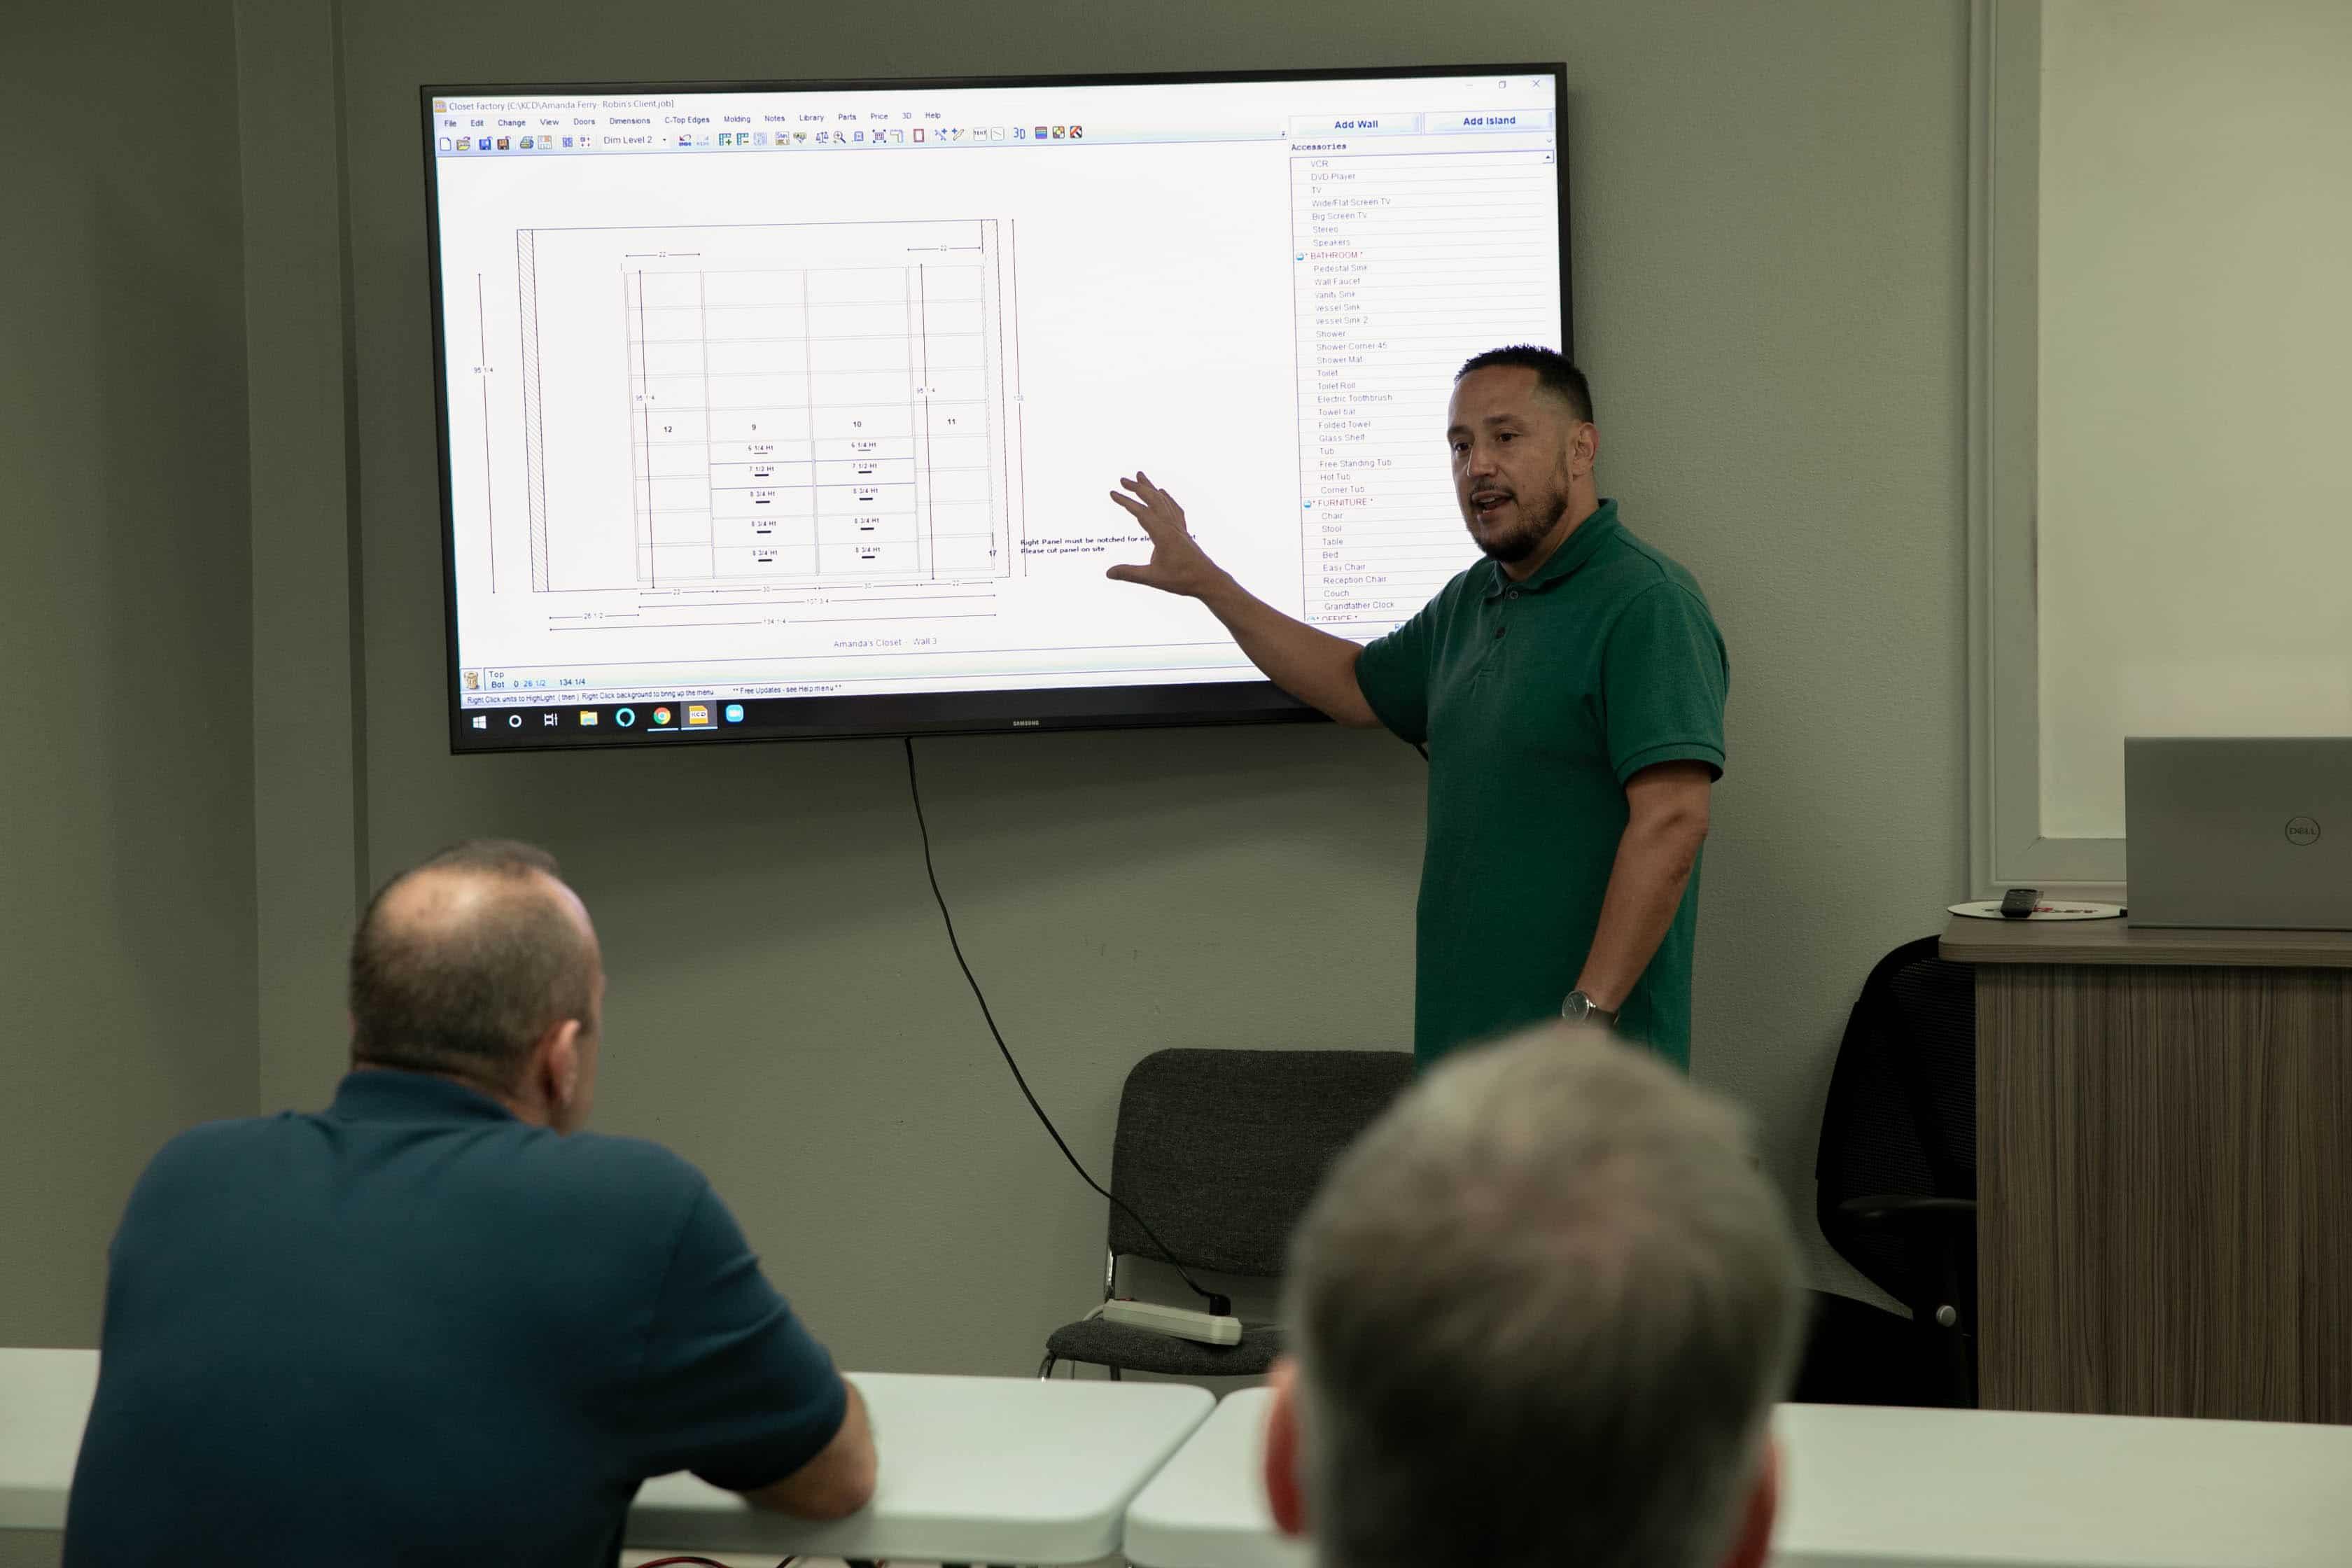 ops explaining plans on whiteboard